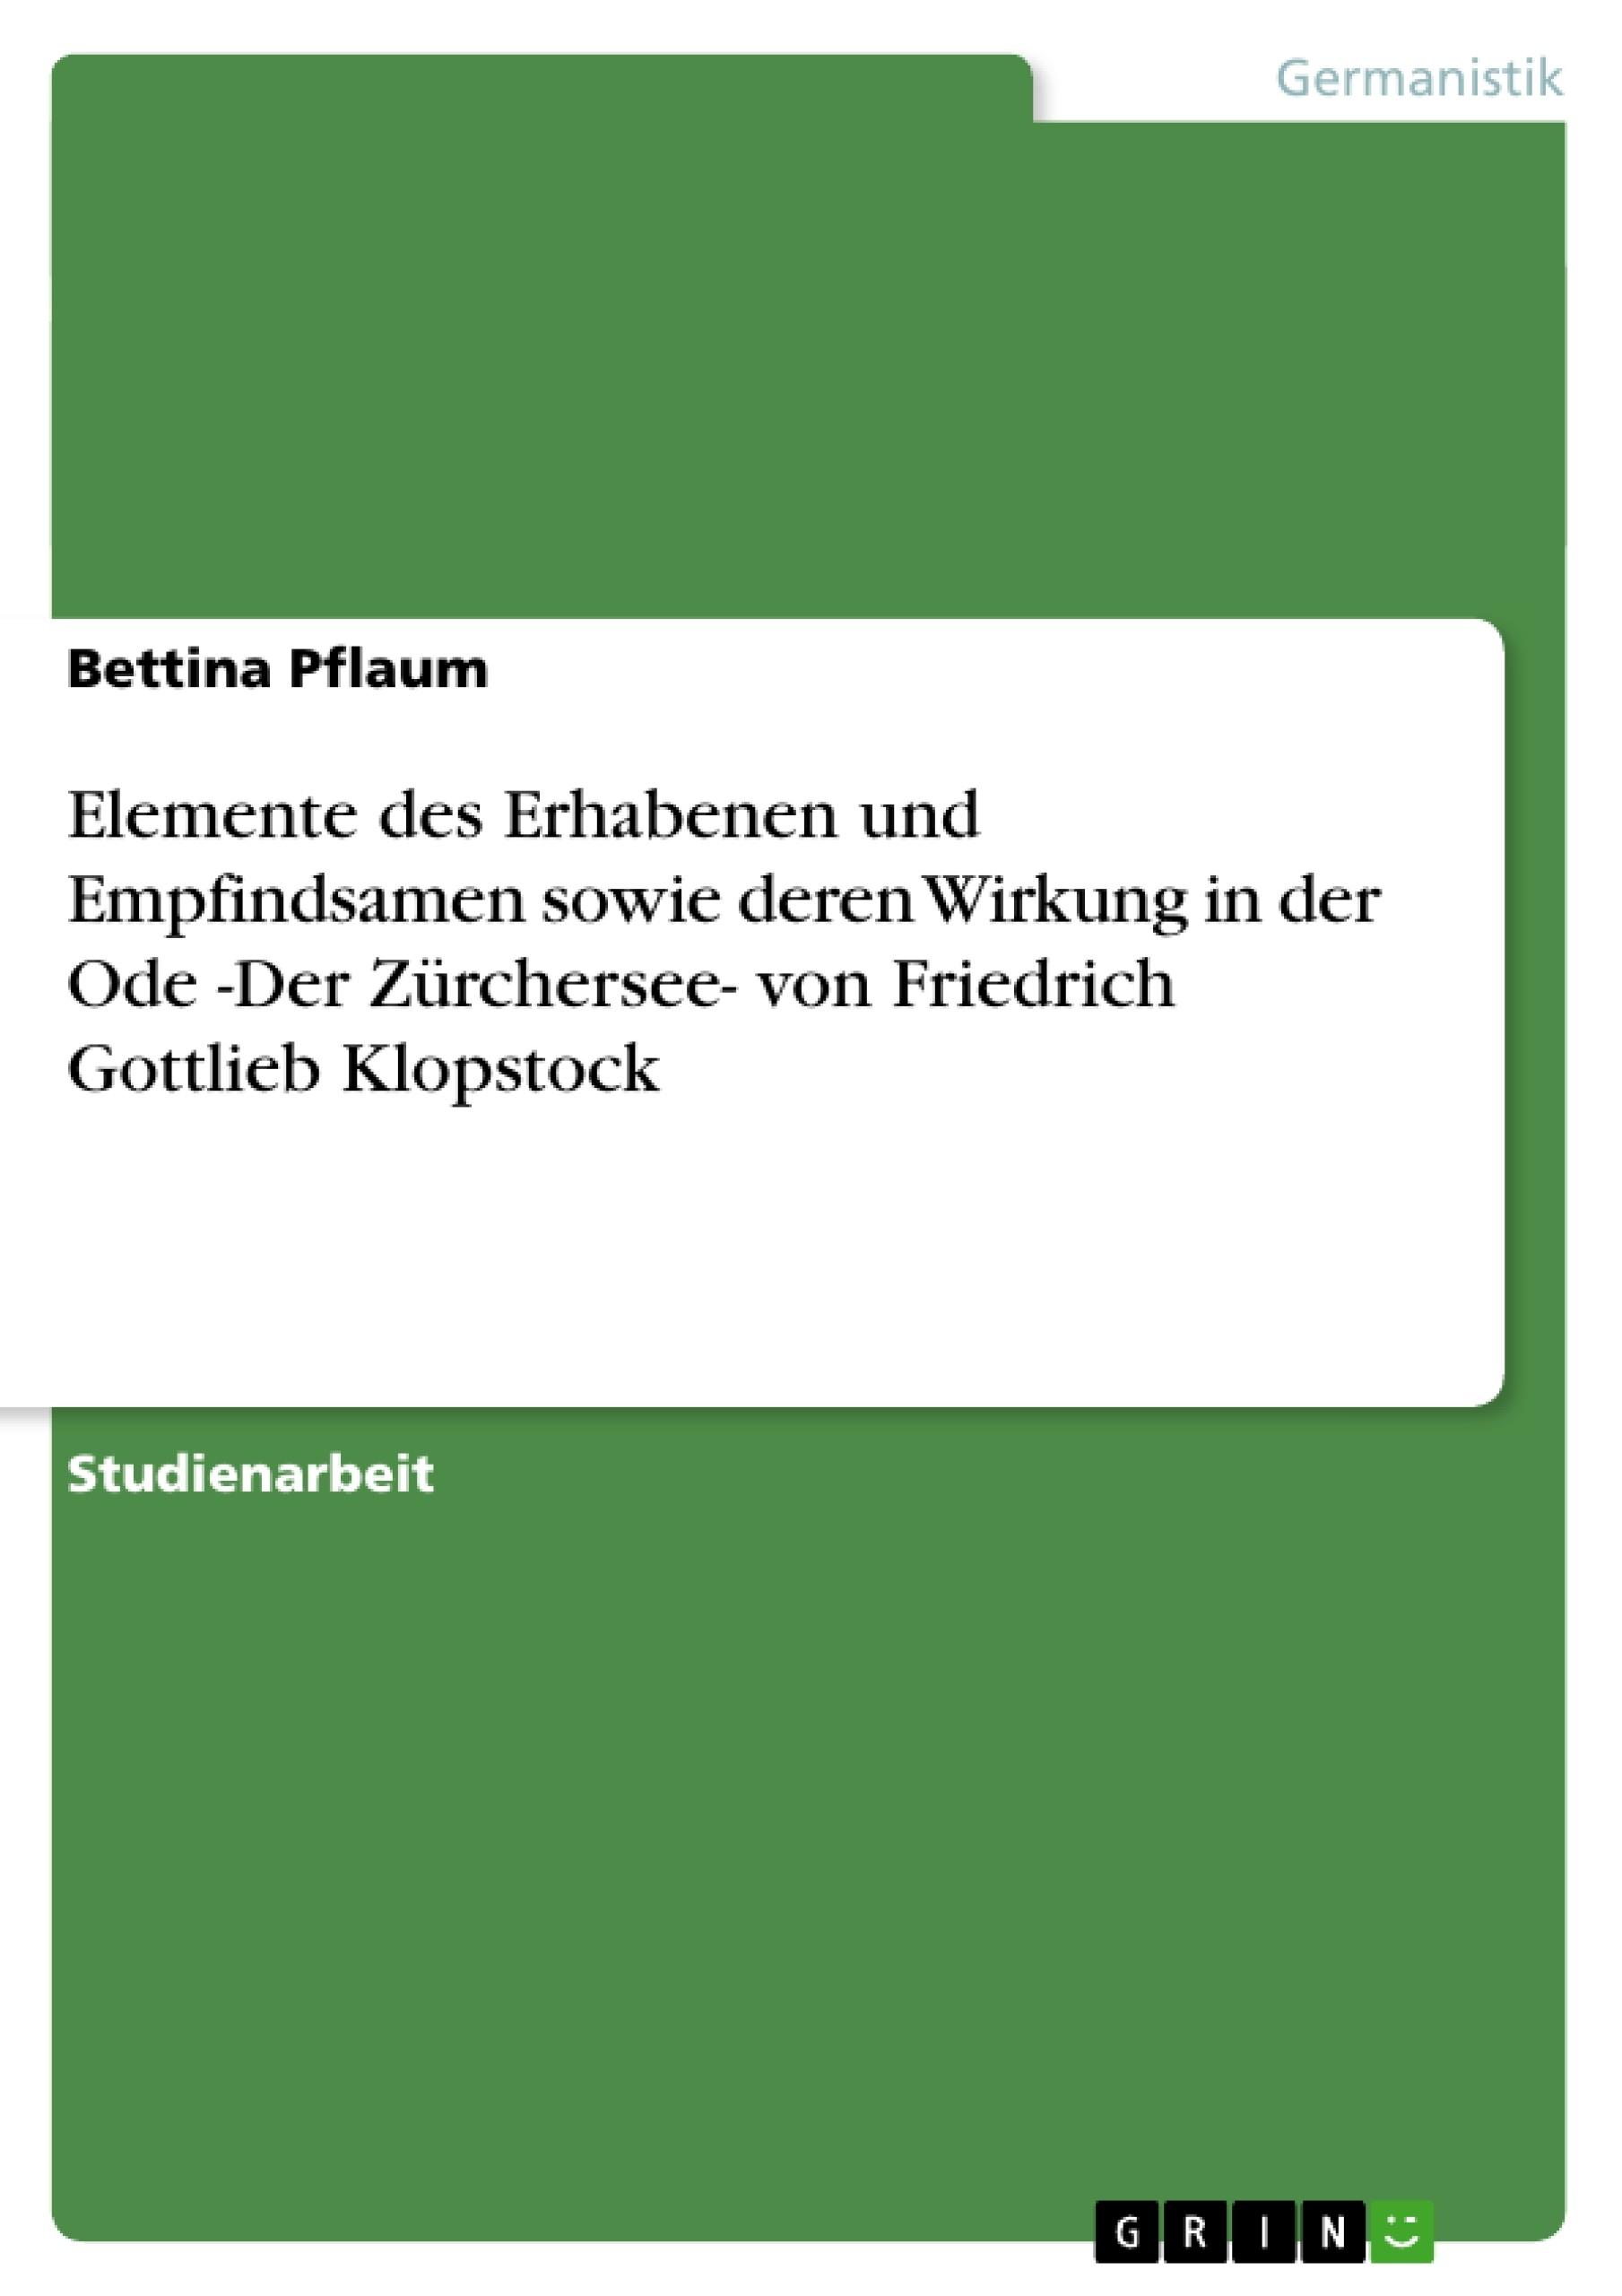 Titel: Elemente des Erhabenen und Empfindsamen sowie deren Wirkung in der Ode -Der Zürchersee- von Friedrich Gottlieb Klopstock